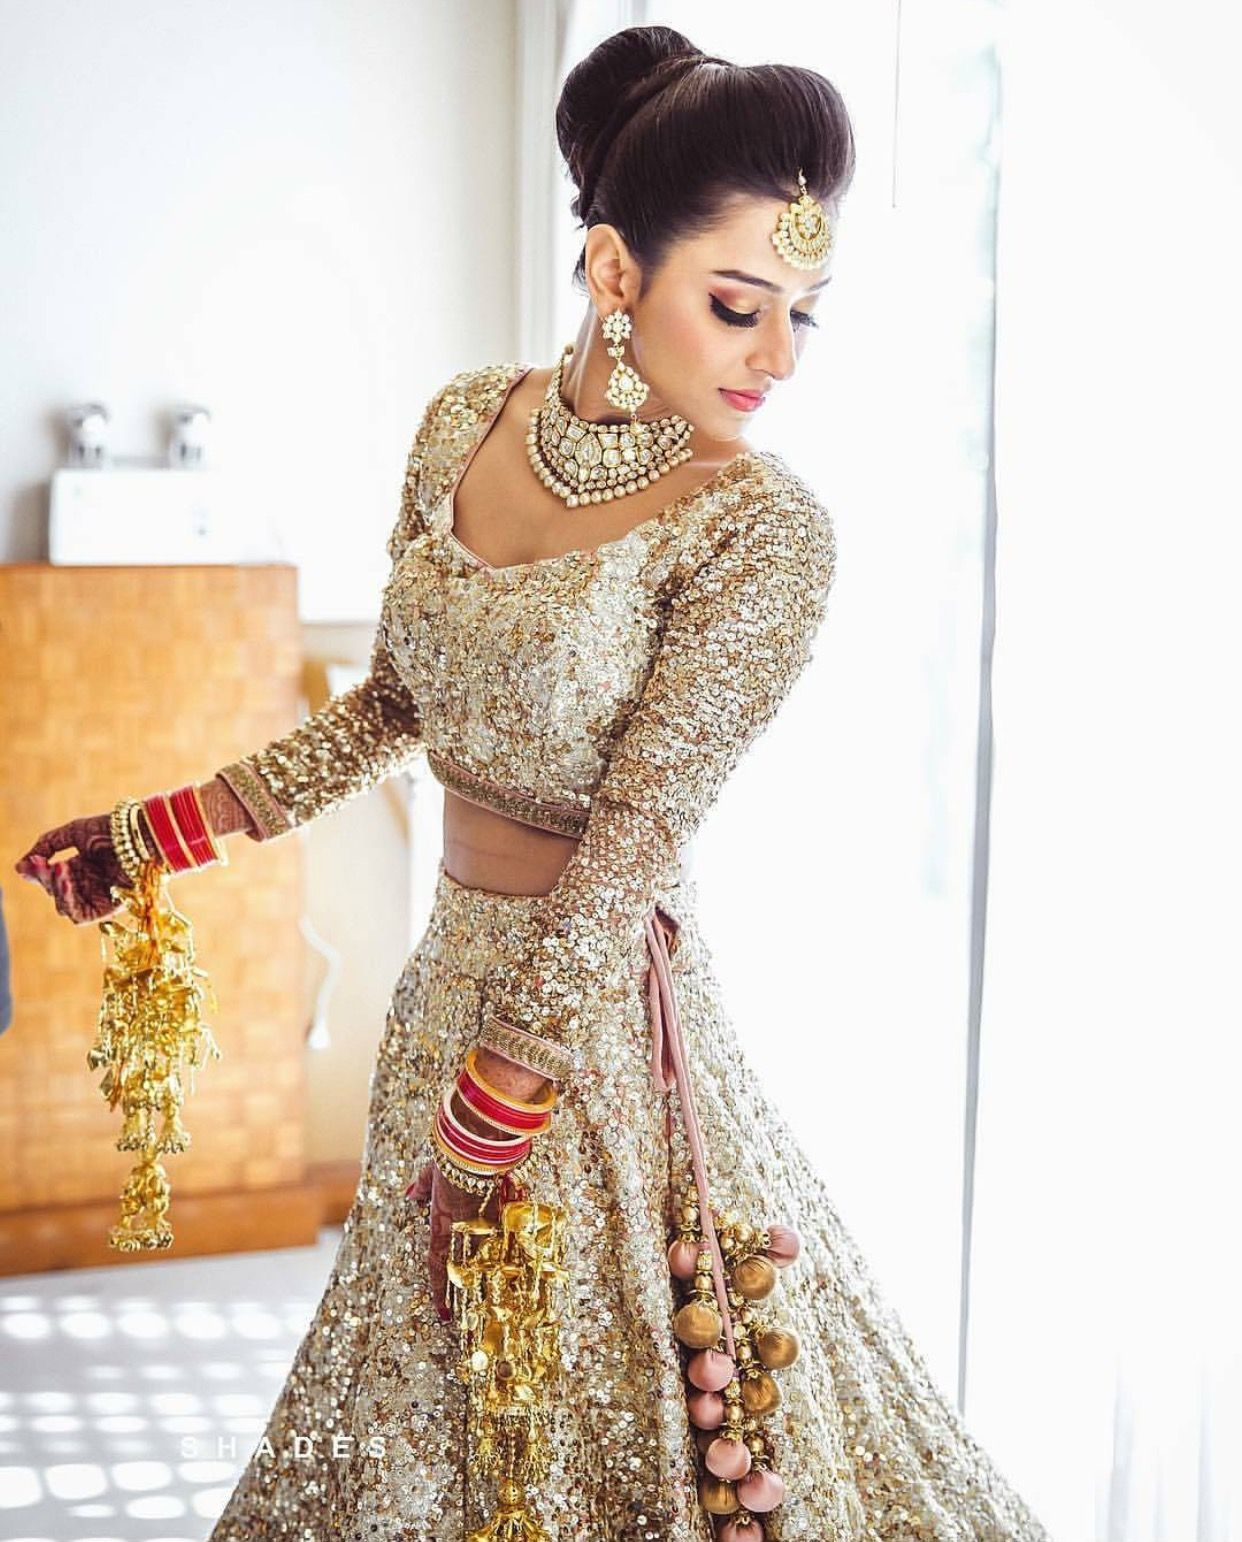 Pin de Drish D en Indian wear | Pinterest | Alta costura y Costura